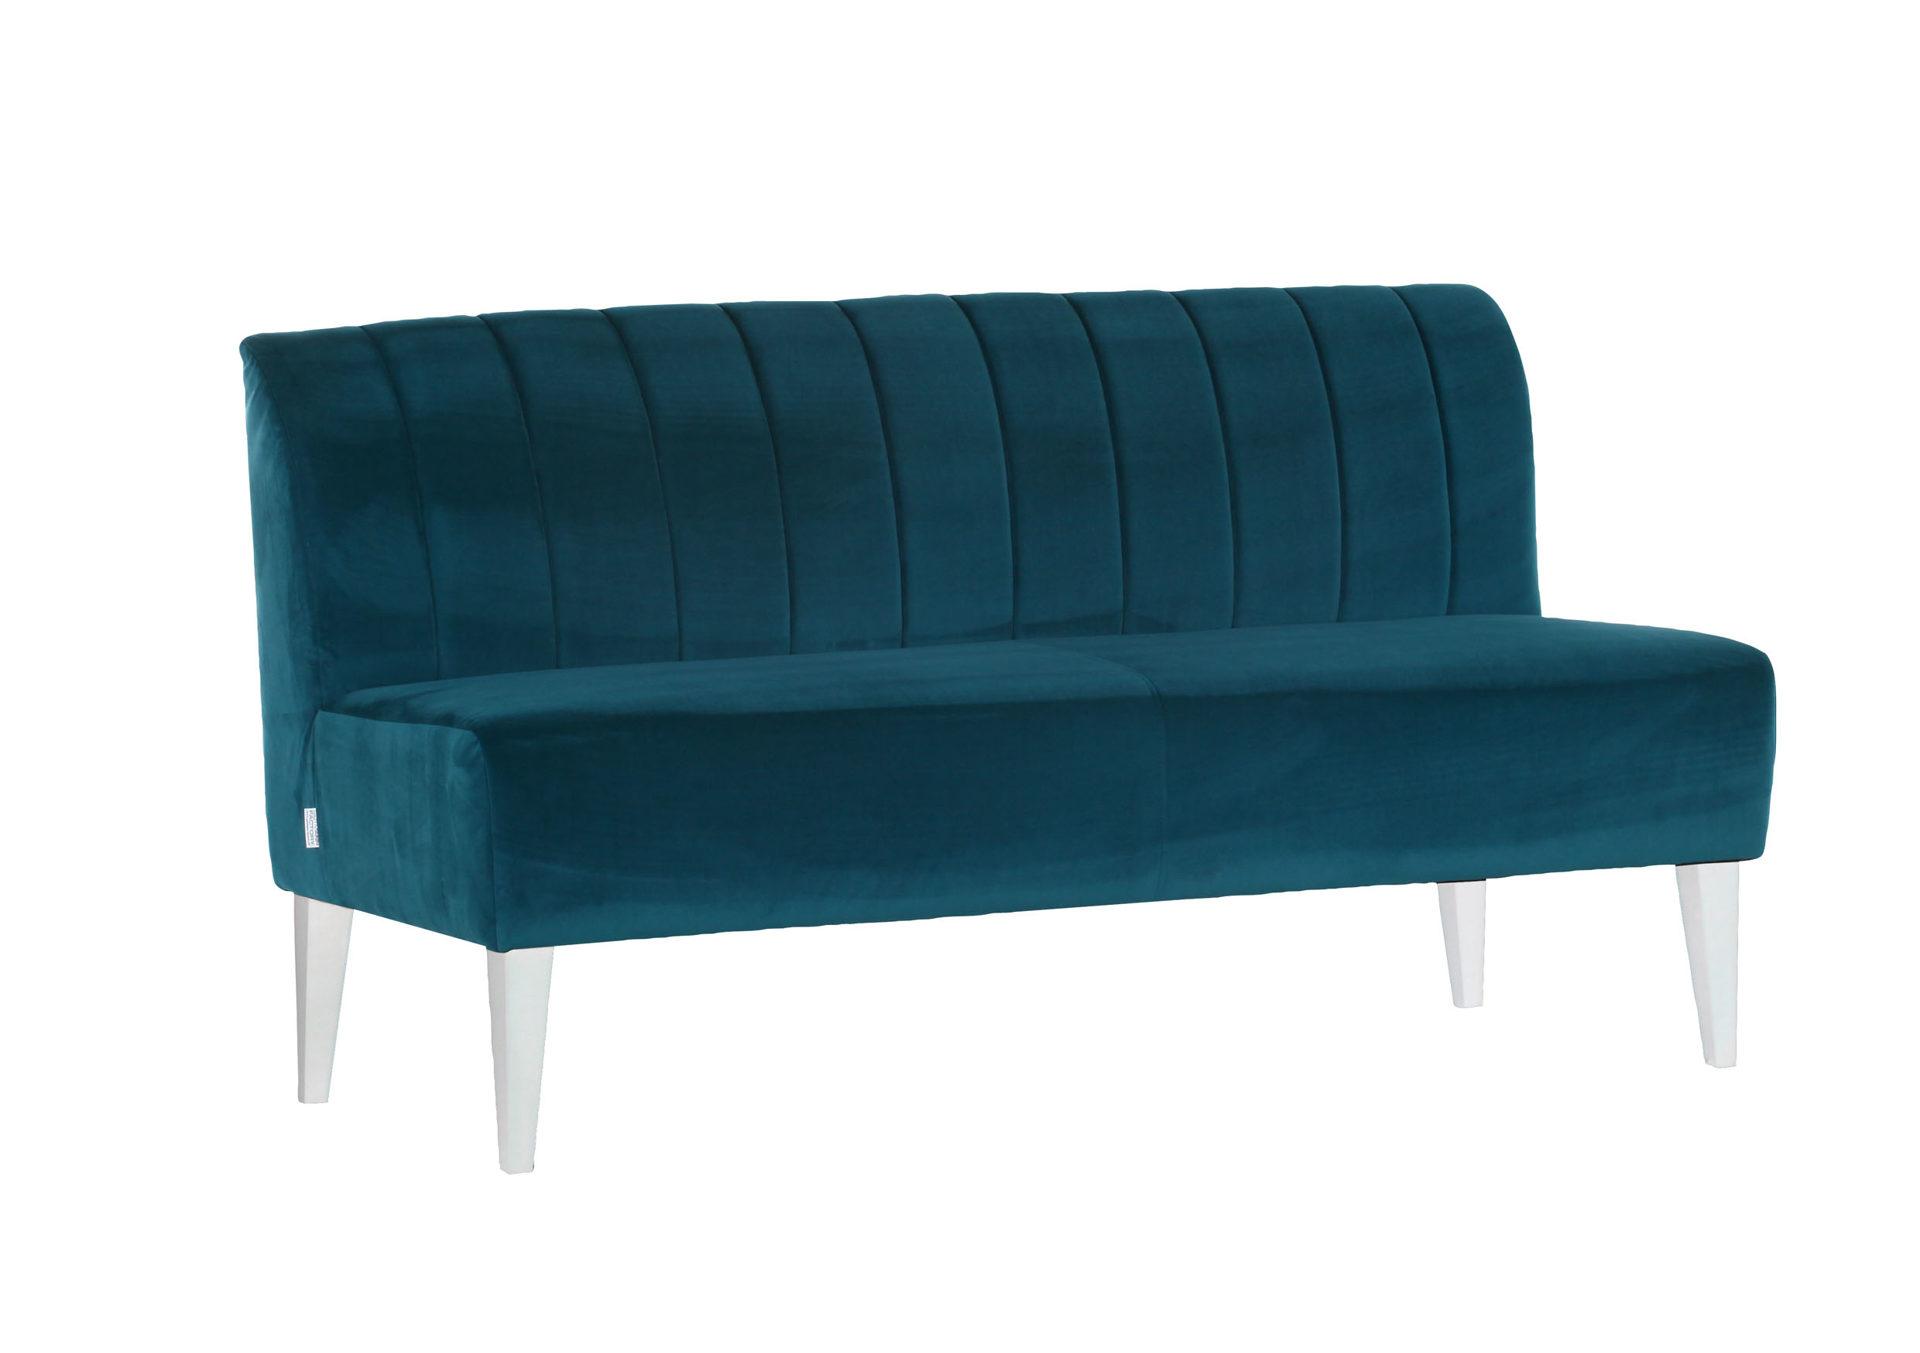 Sofa Im Retro Stil Als Polstermobel Mit Flair Petrolfarbener Stoff 312 83 Weisse Holzfusse Breite Ca 168 Cm